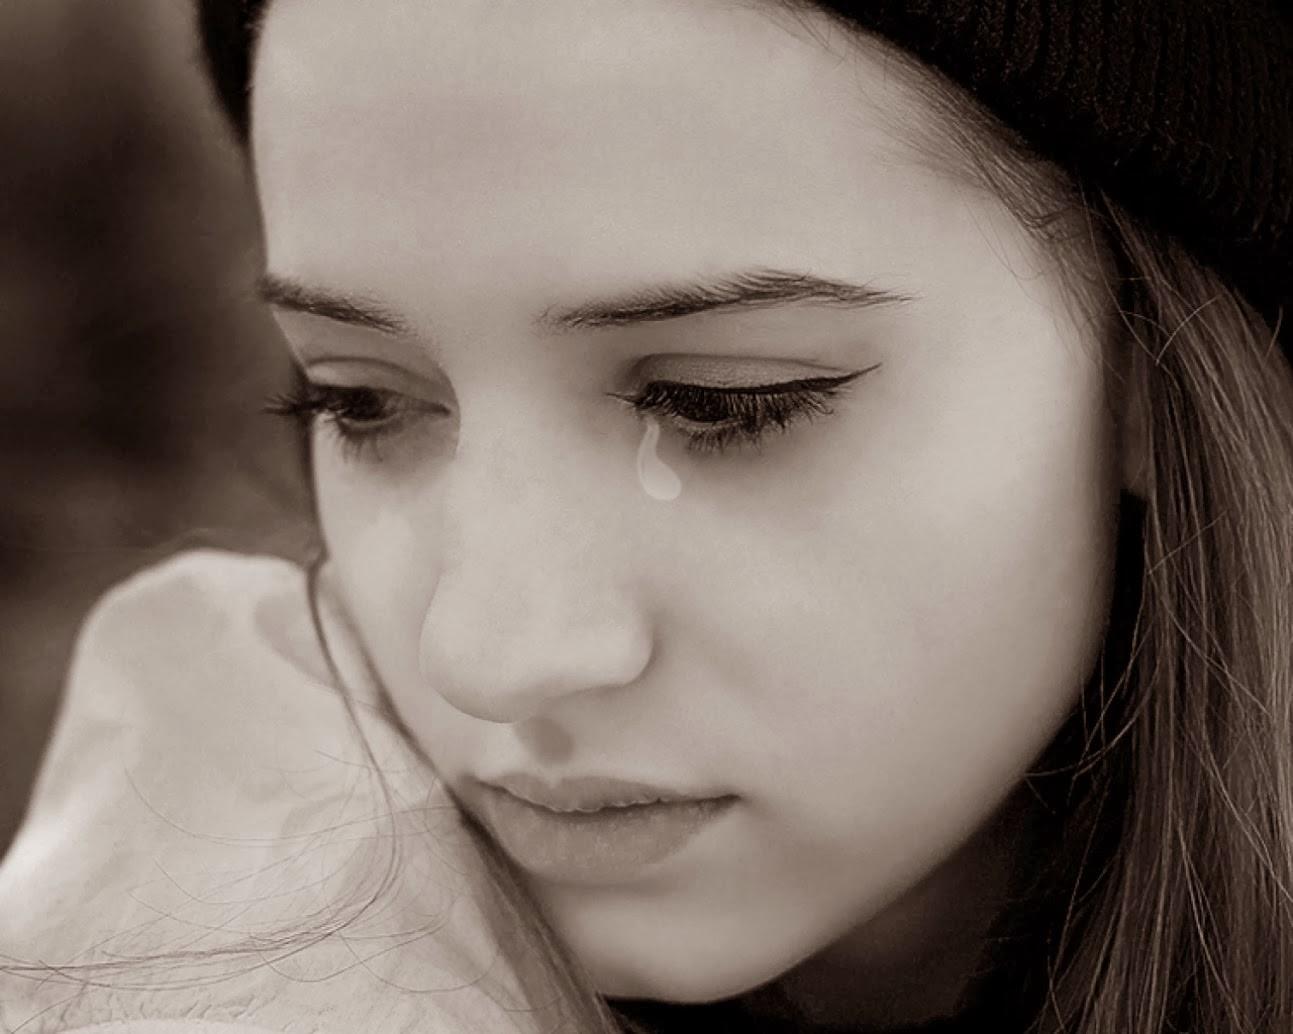 بالصور دموع الفراق الحبيب , اصعب لحظات الفراق على الاحبه 2011 6